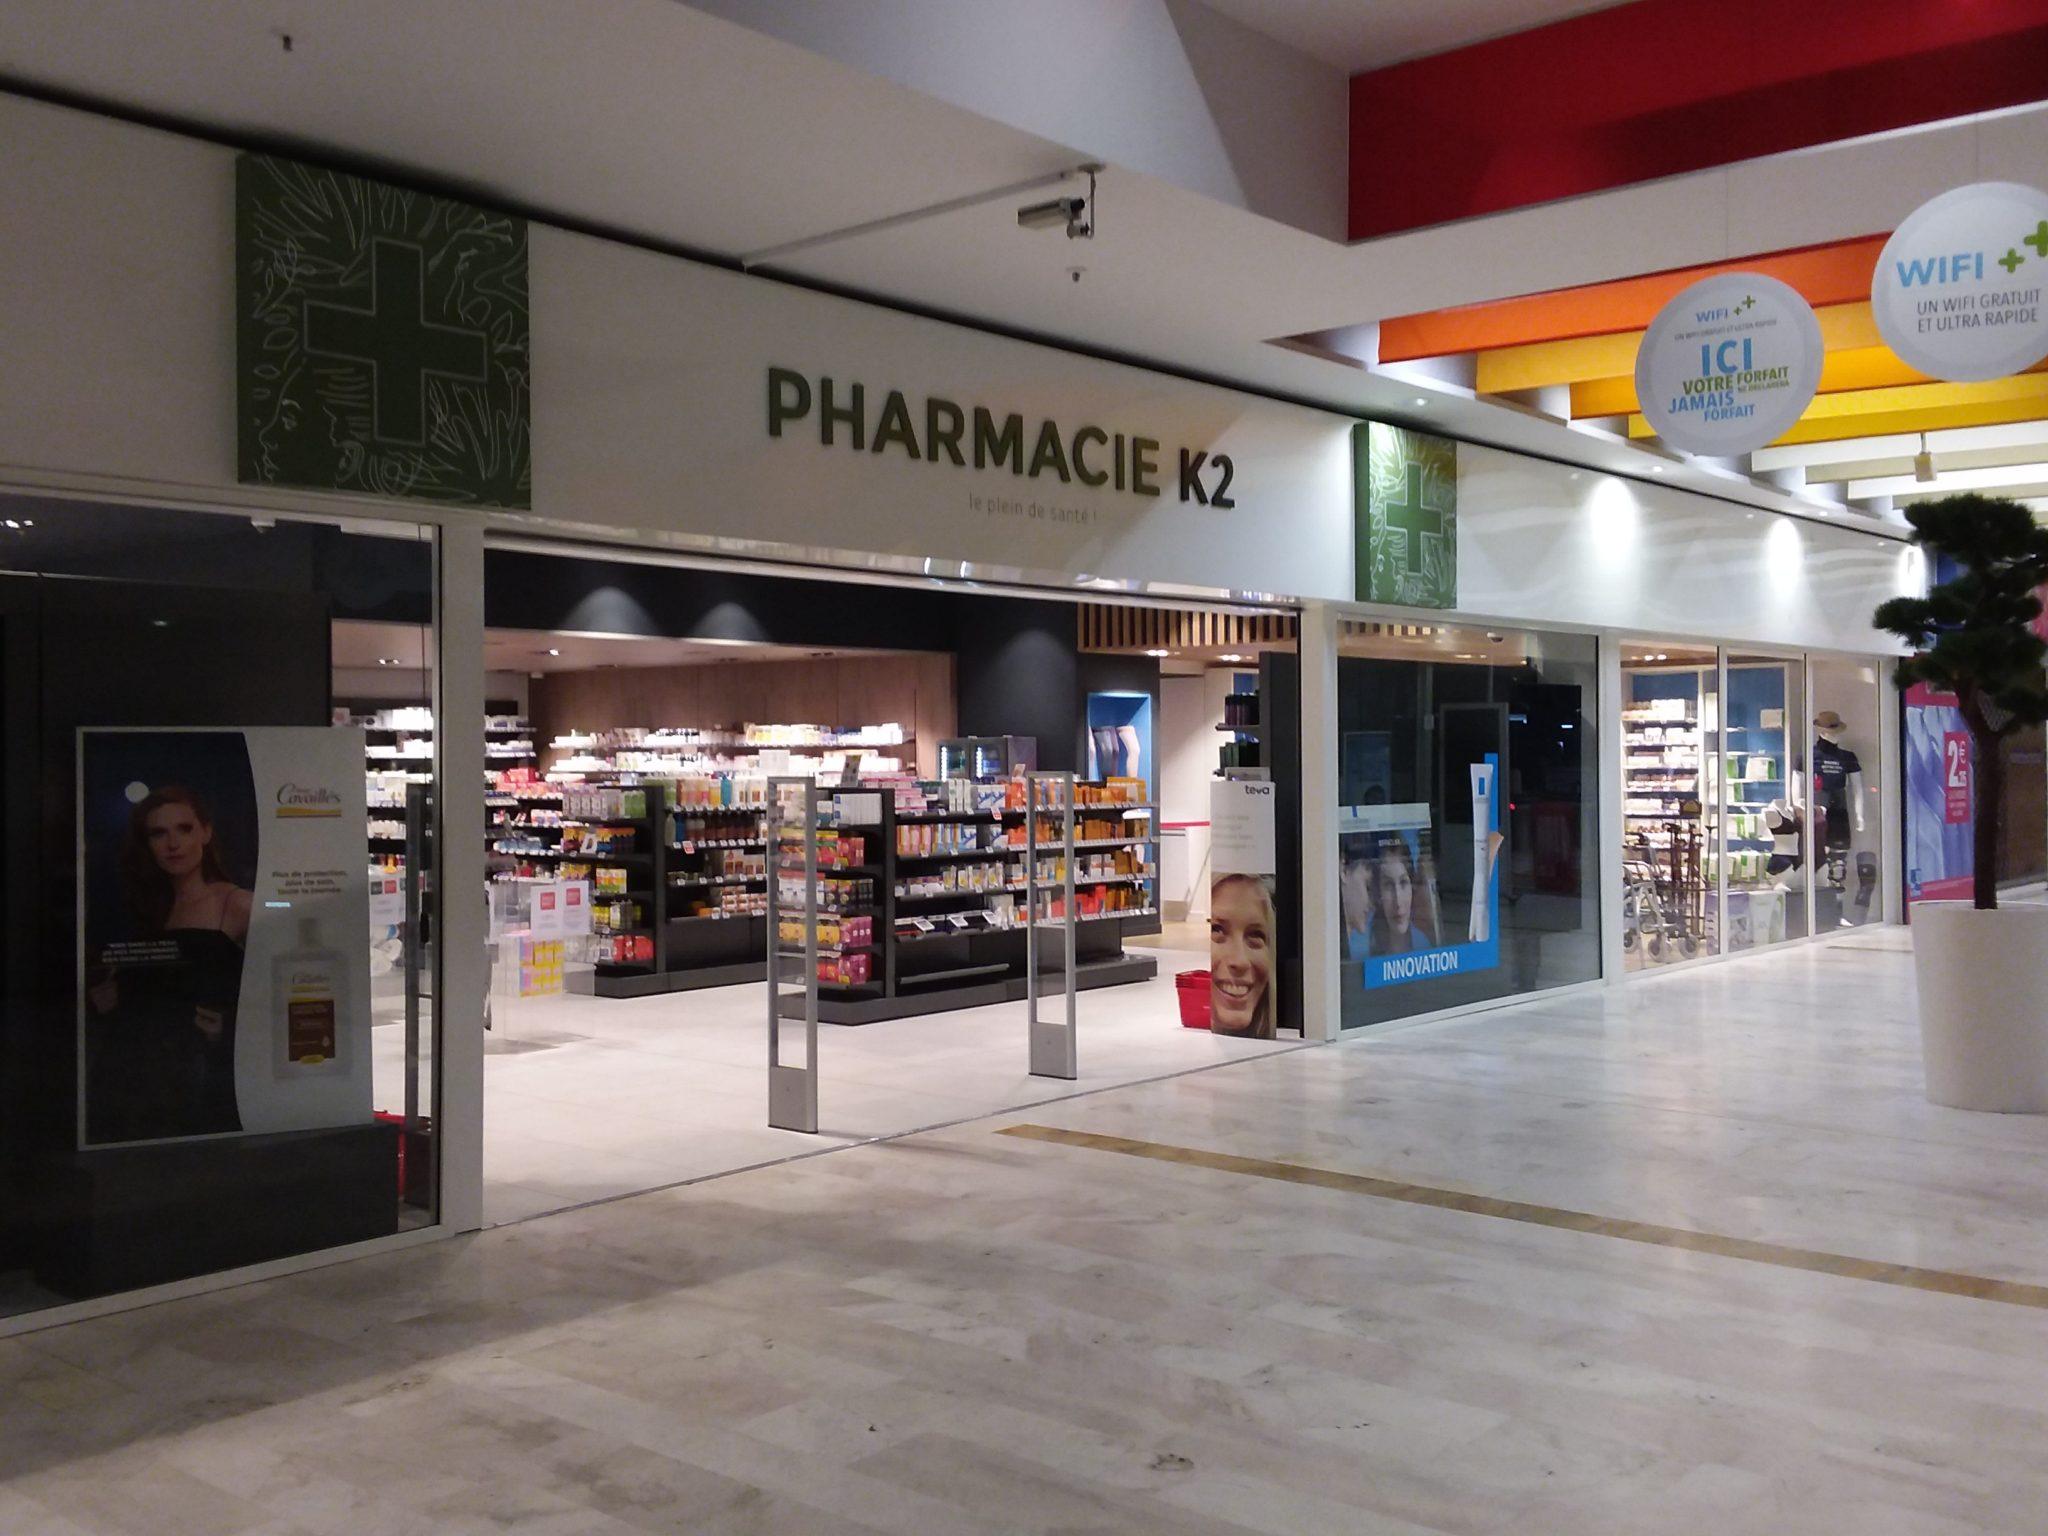 Pharmacie K2 - Lorient